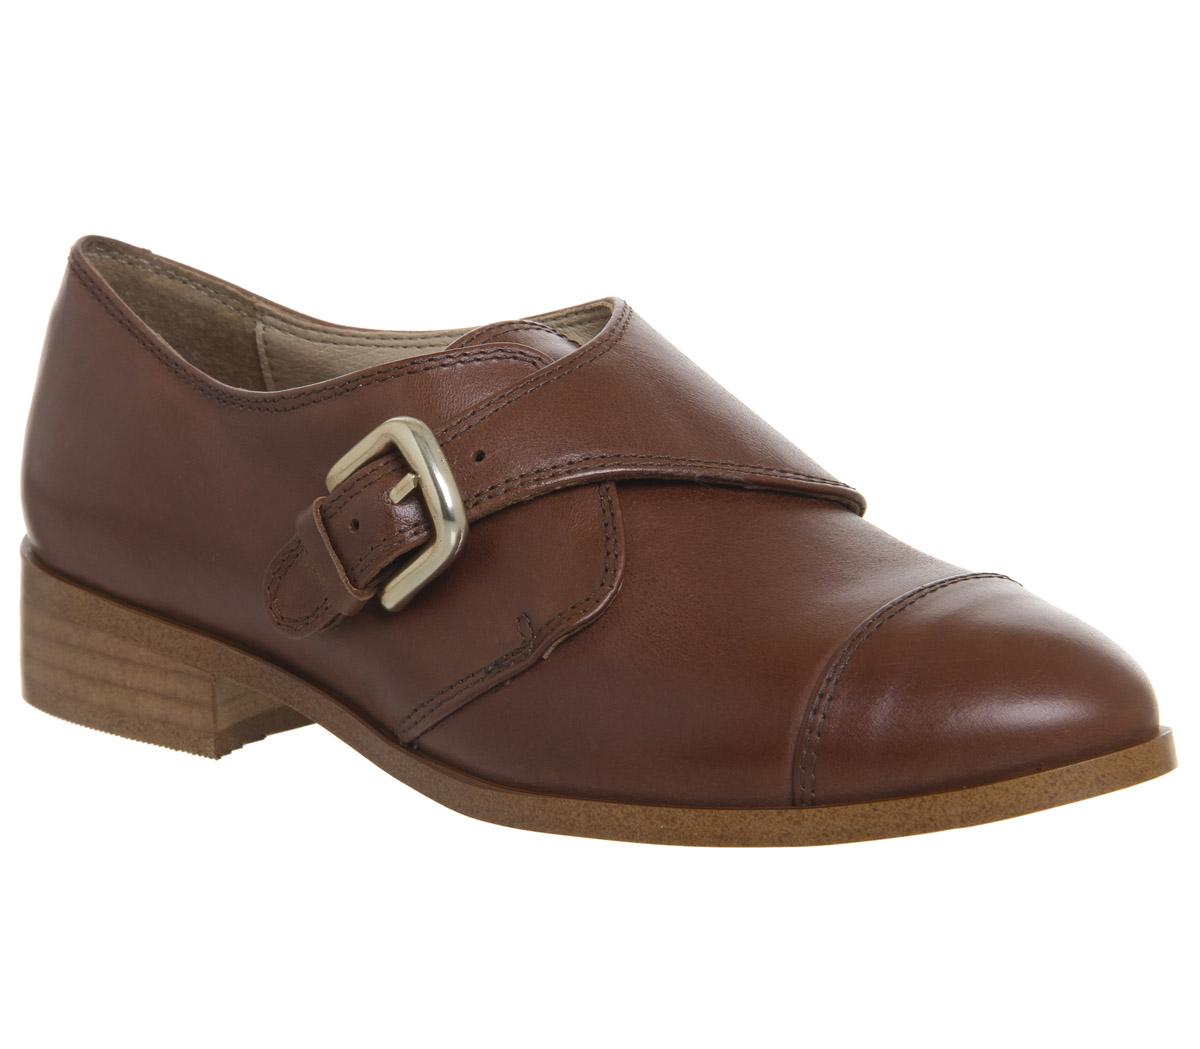 Los zapatos más populares para hombres hombres hombres y mujeres Descuento por tiempo limitado Womens Office Fader Monk Shoes TAN LEATHER Flats 086d62